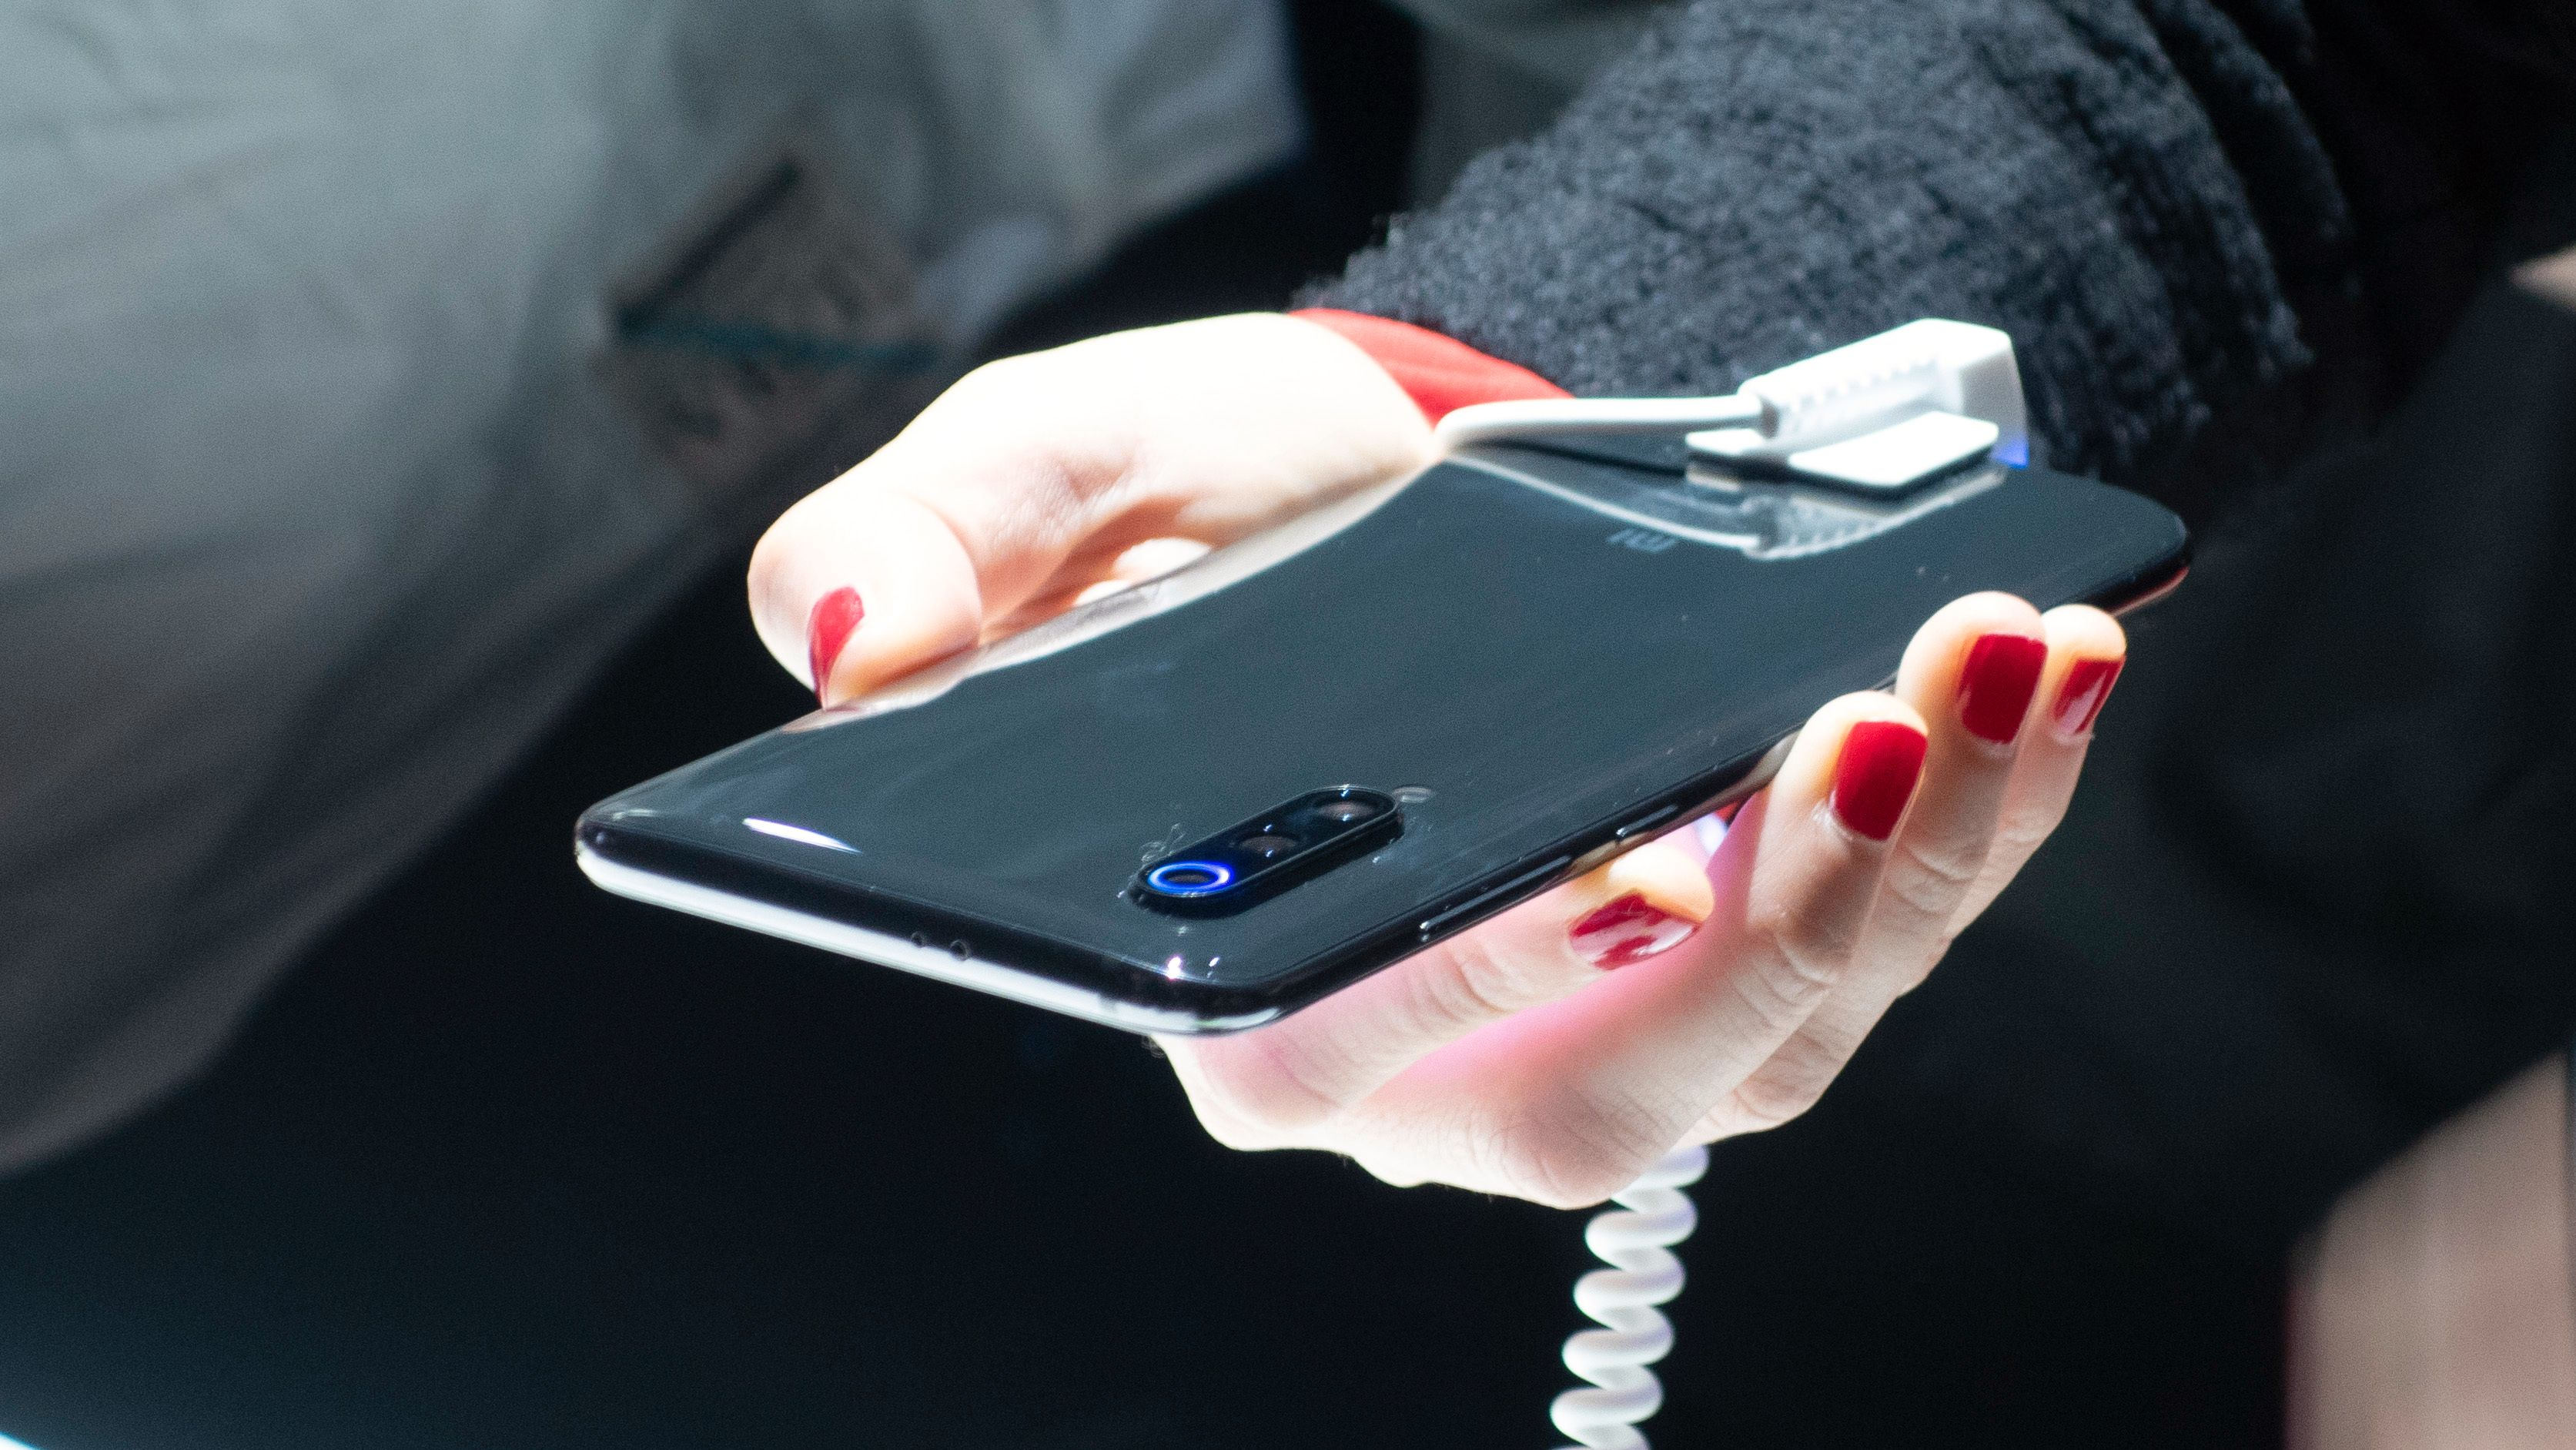 Trippel-modulen stikker ut baksiden på telefonen.